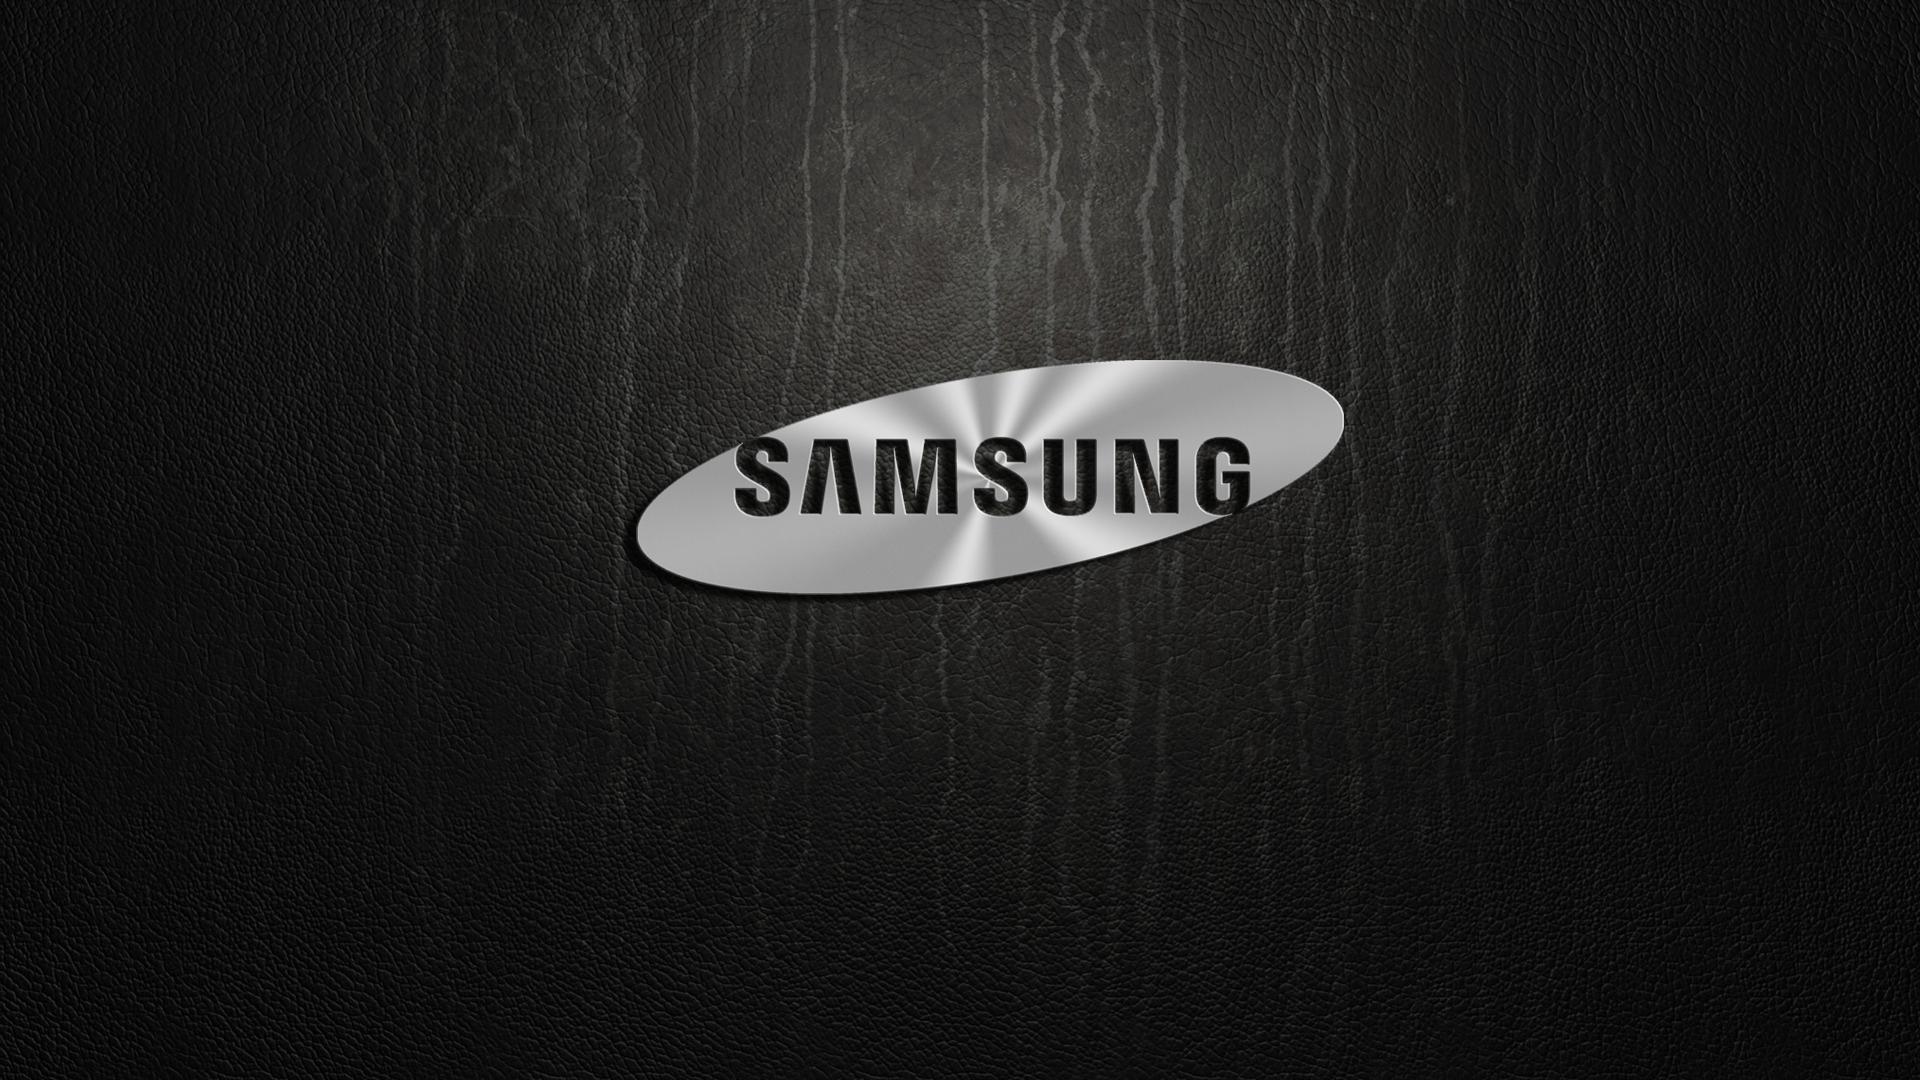 Samsung Hd Wallpapers Backgrounds Wallpaper Samsung Best Laptop Brands Best Laptops